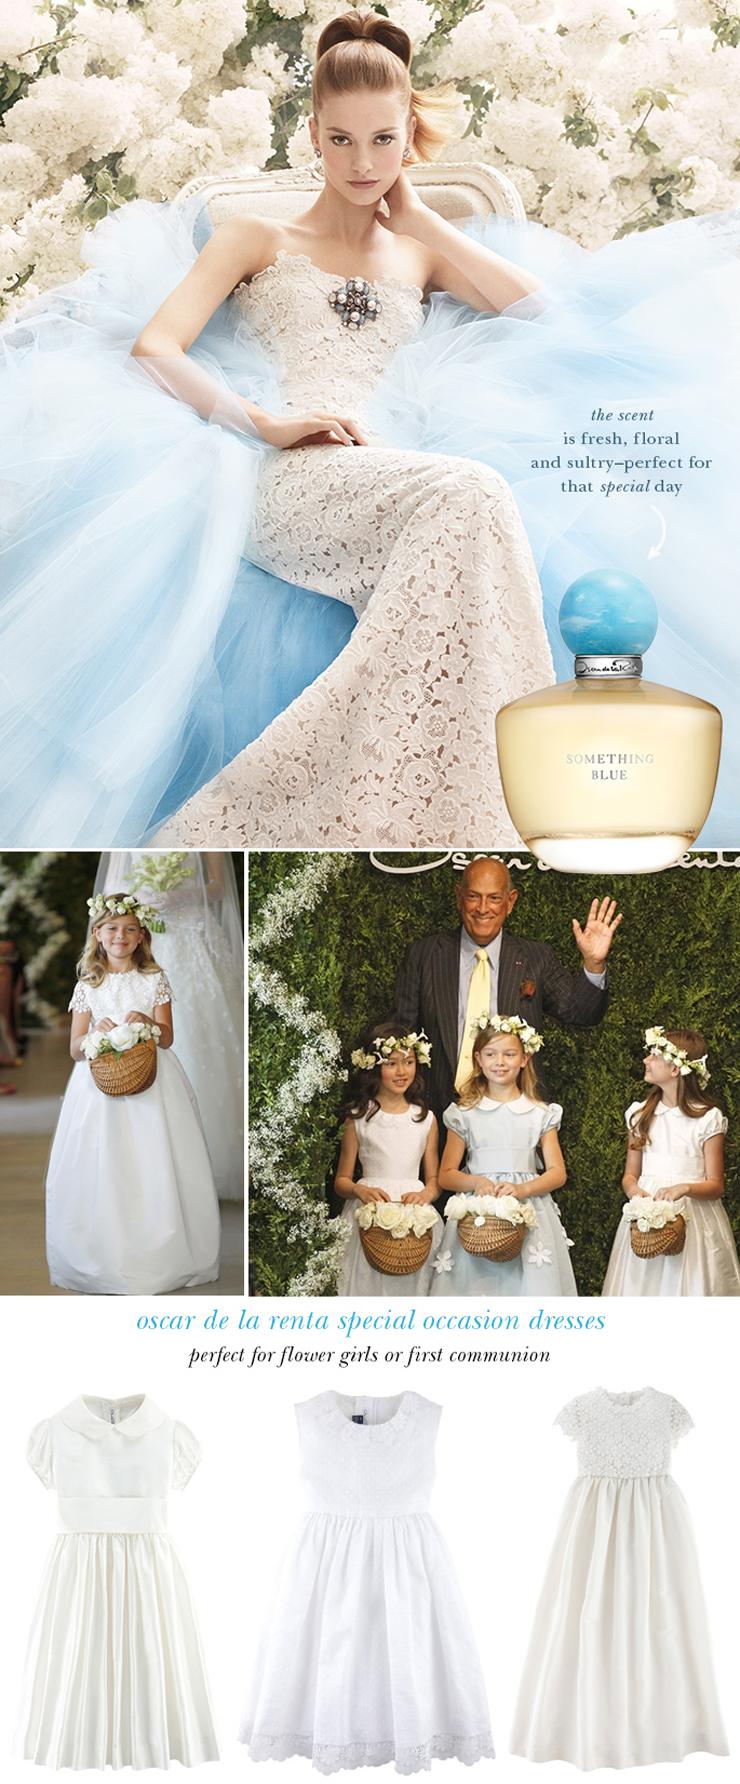 """""""Something Blue de Oscar de la Renta es una fragancia de la familia olfativa Floral para Mujeres. Esta fragrancia es nueva. """"  Oscar de La Renta, """"Something Blue"""" 10 reasons i love something blue 3 Recovered"""